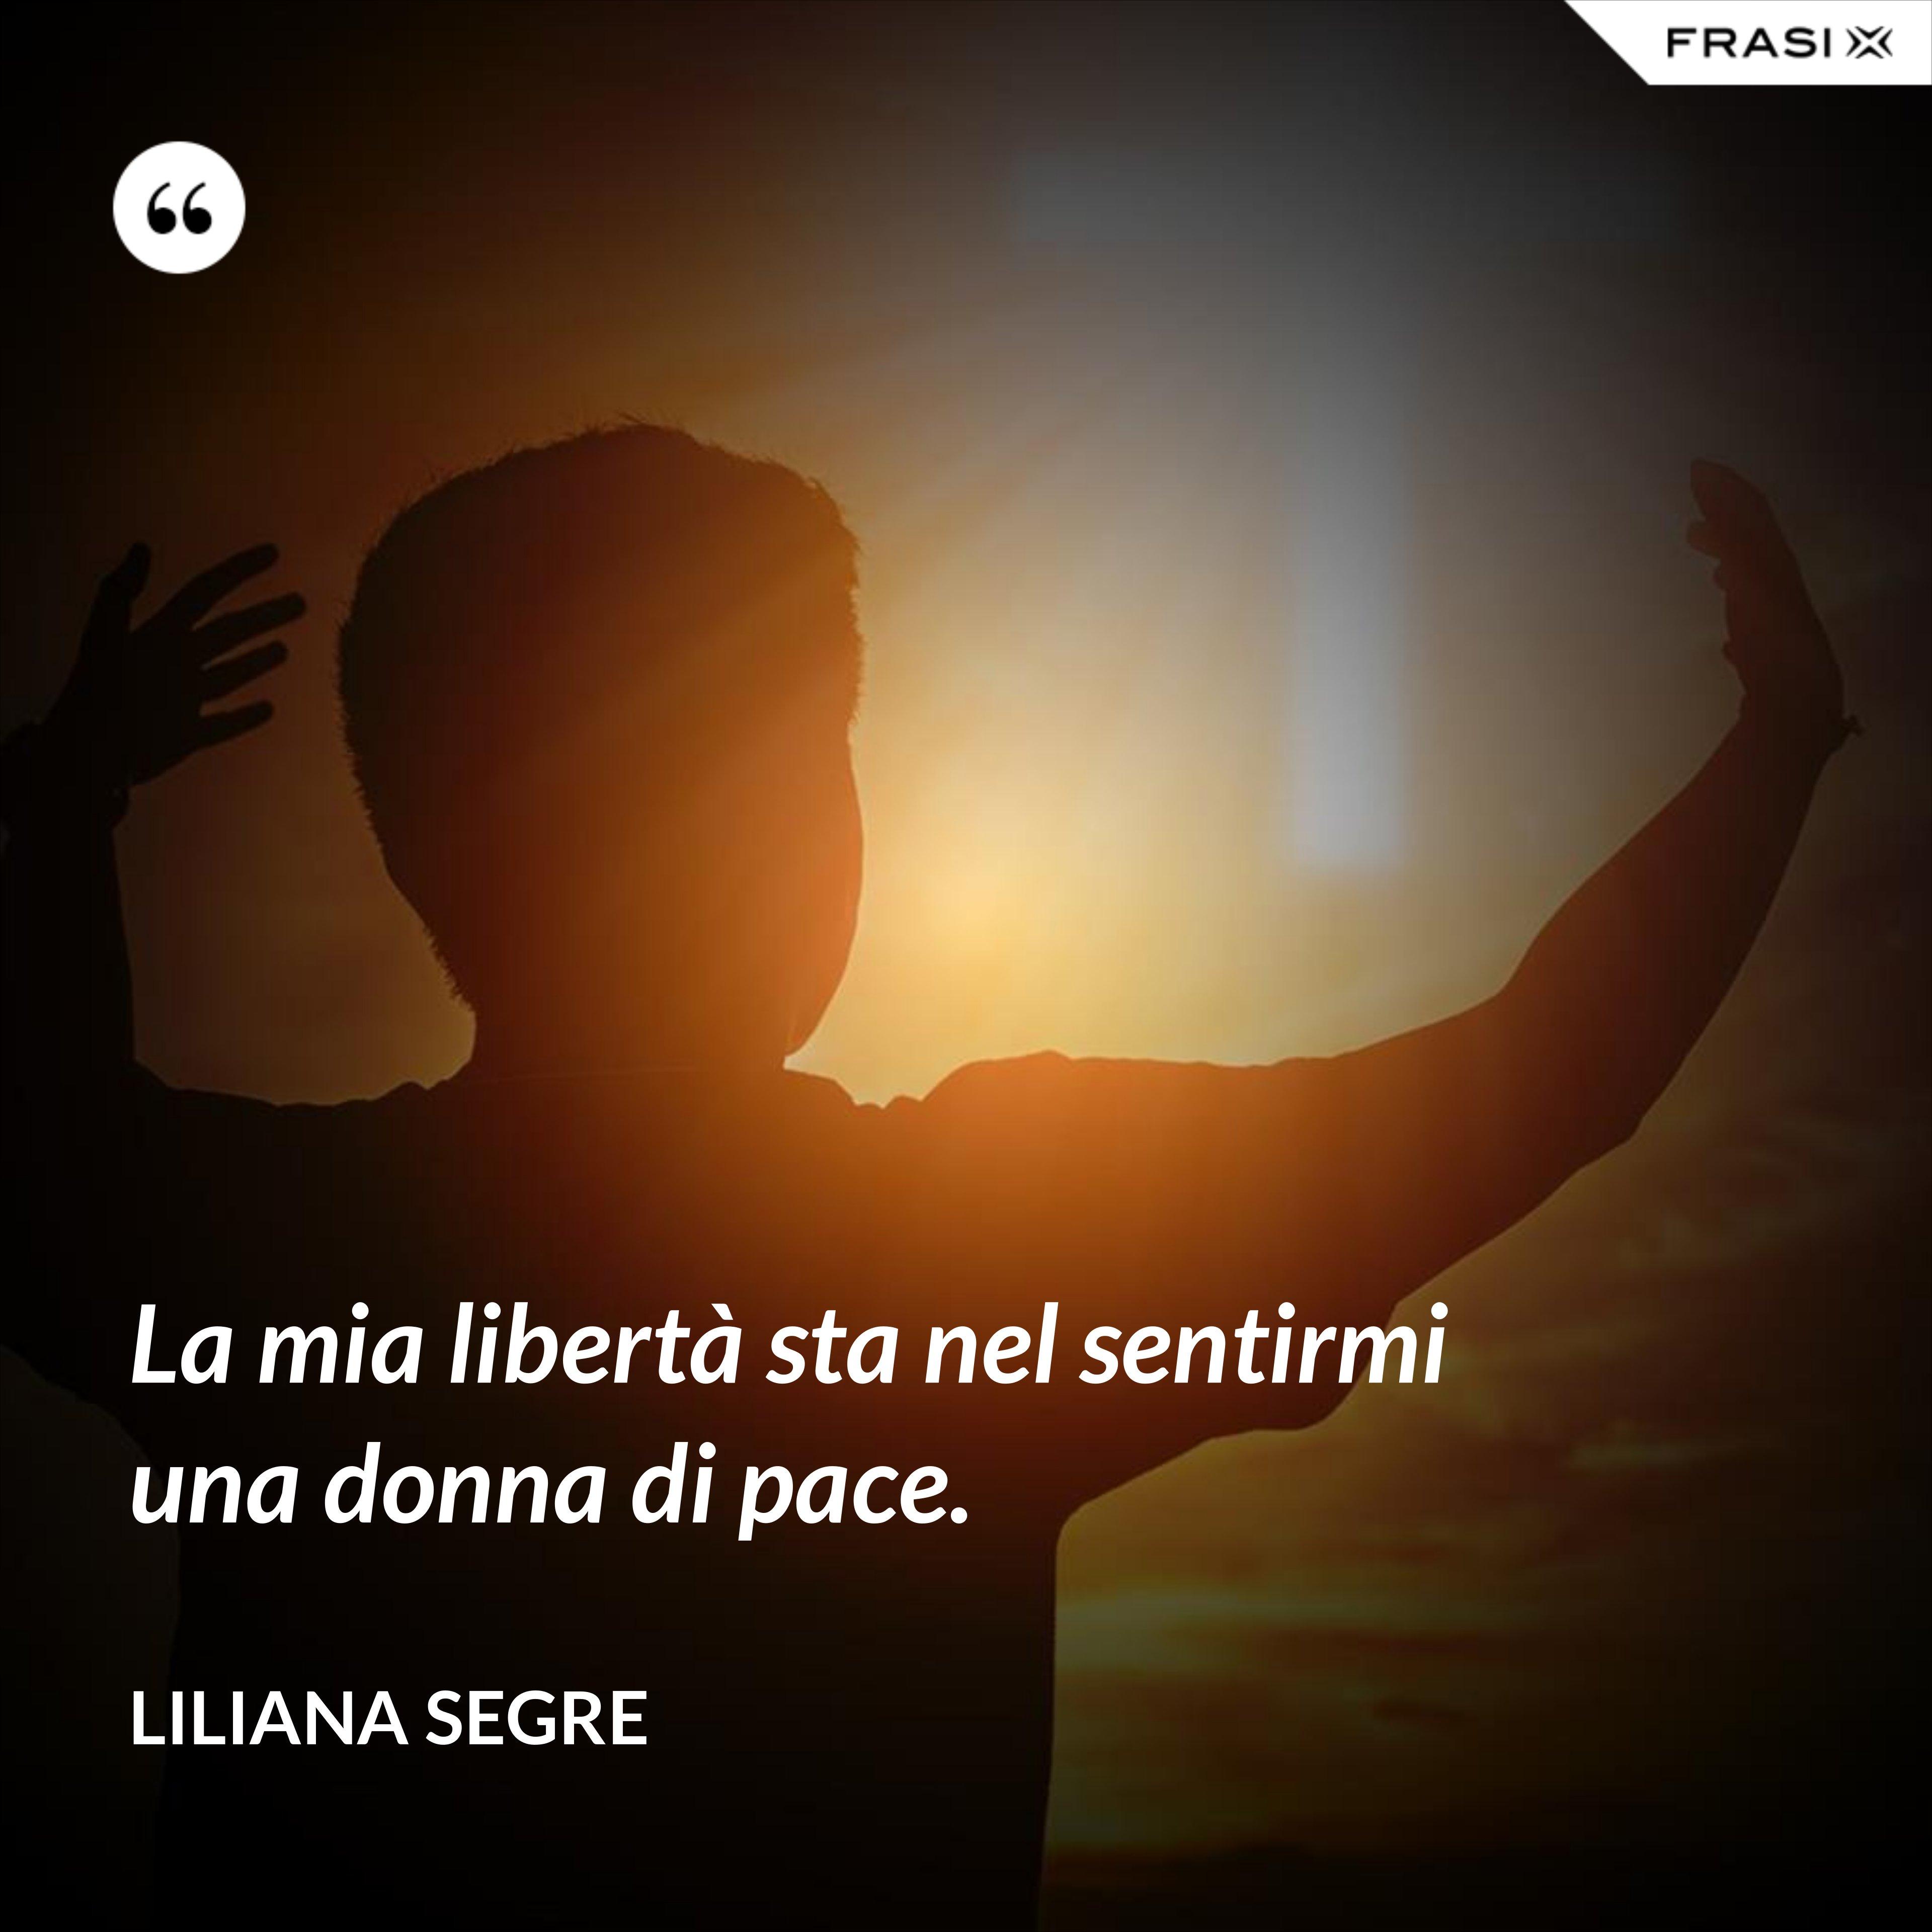 La mia libertà sta nel sentirmi una donna di pace. - Liliana Segre